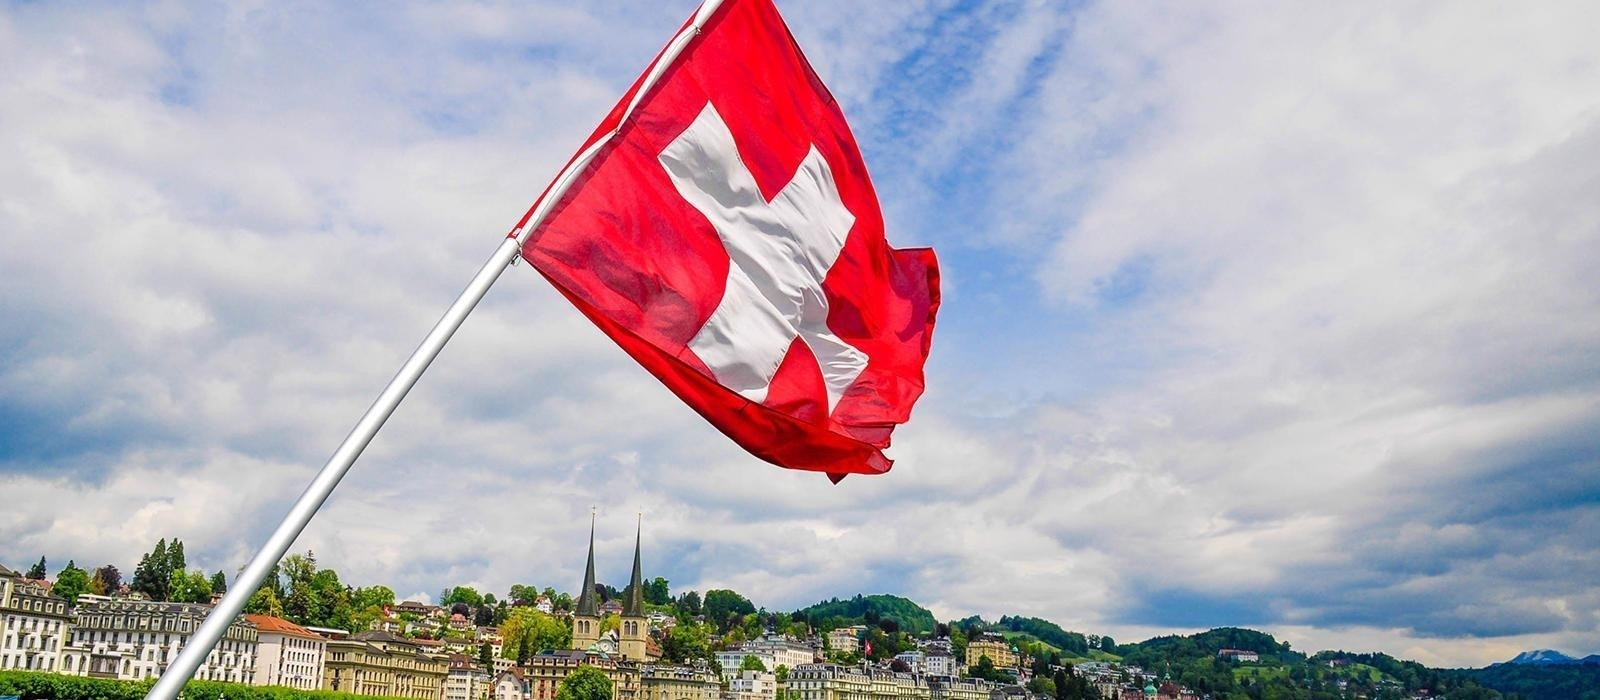 Η απαλλαγή από την παρακράτηση φόρου εισοδήματος για τα μερίσματα, τόκους ή δικαιώματα νομικών προσώπων με μόνιμη εγκατάσταση στην Ελβετία